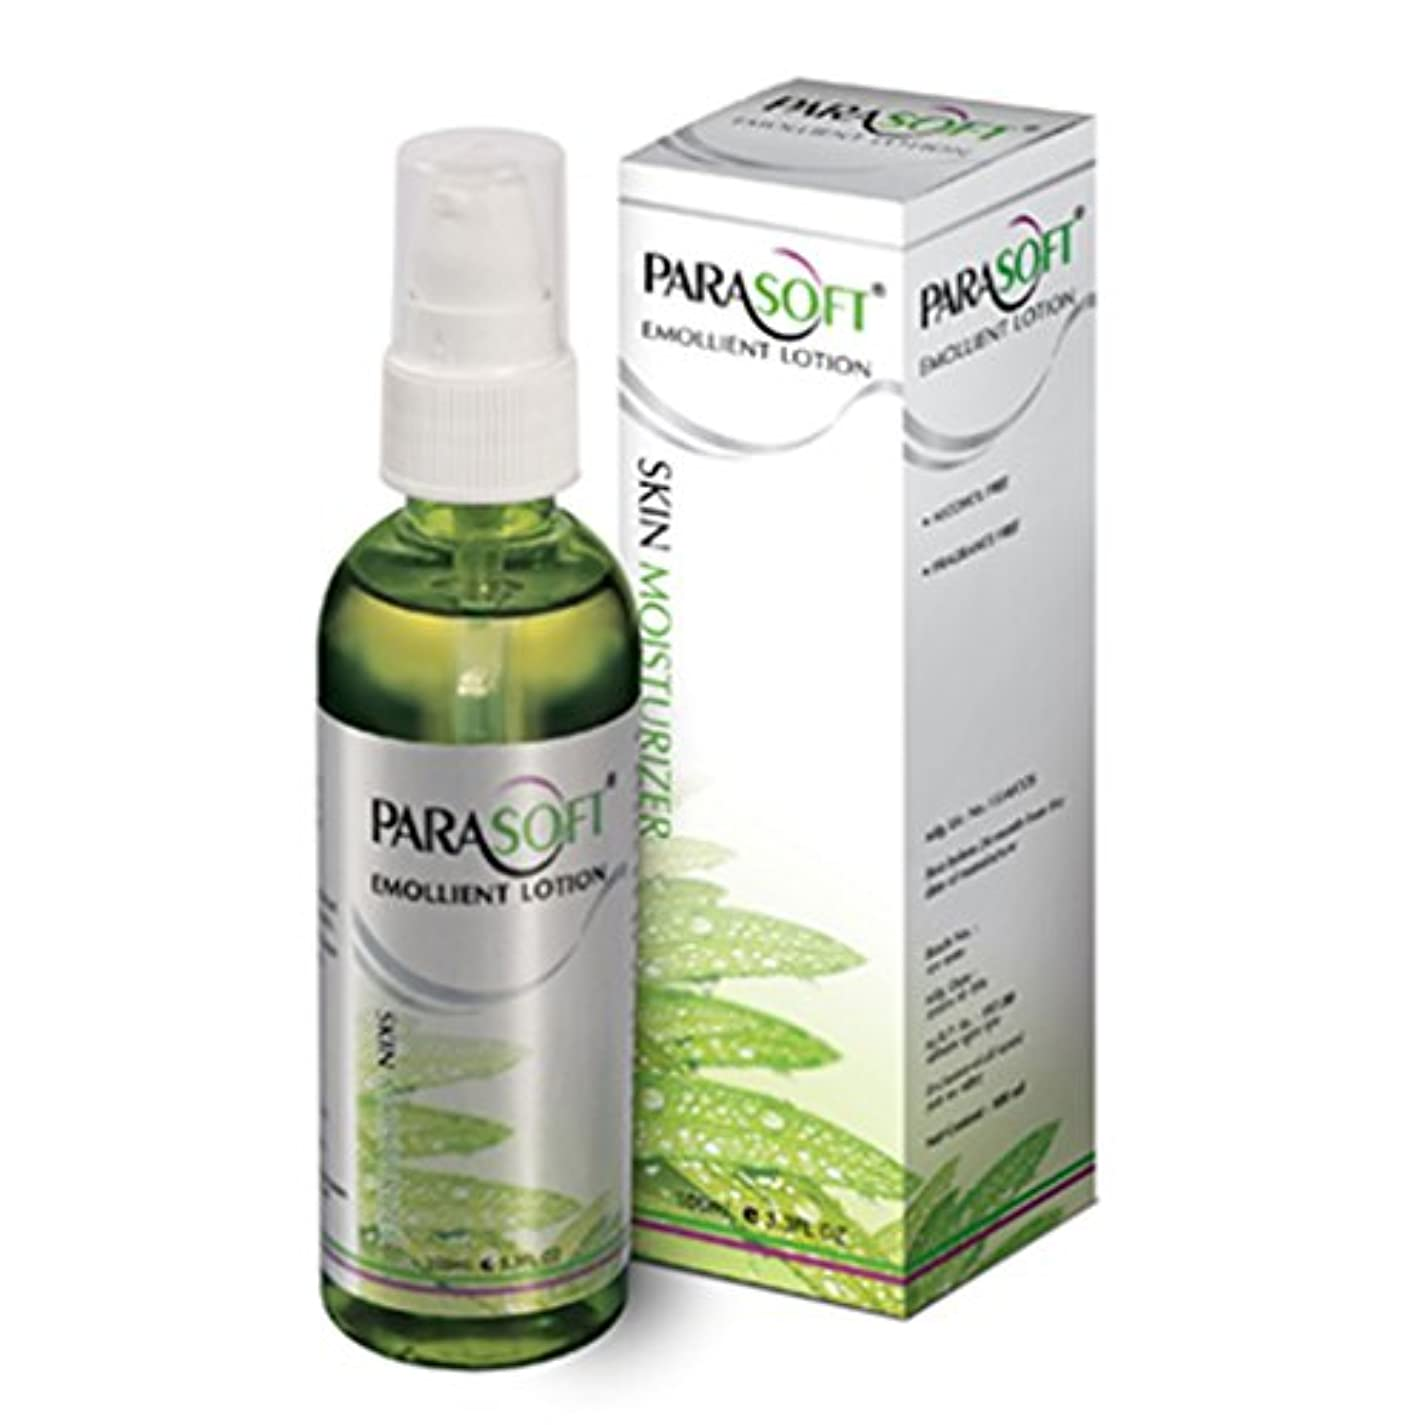 デコレーション錆び予測するParaffin Lotion Grapeseed, Jojoba, Aloevera, Avocado, Olive Oil Dry Skin 100ml